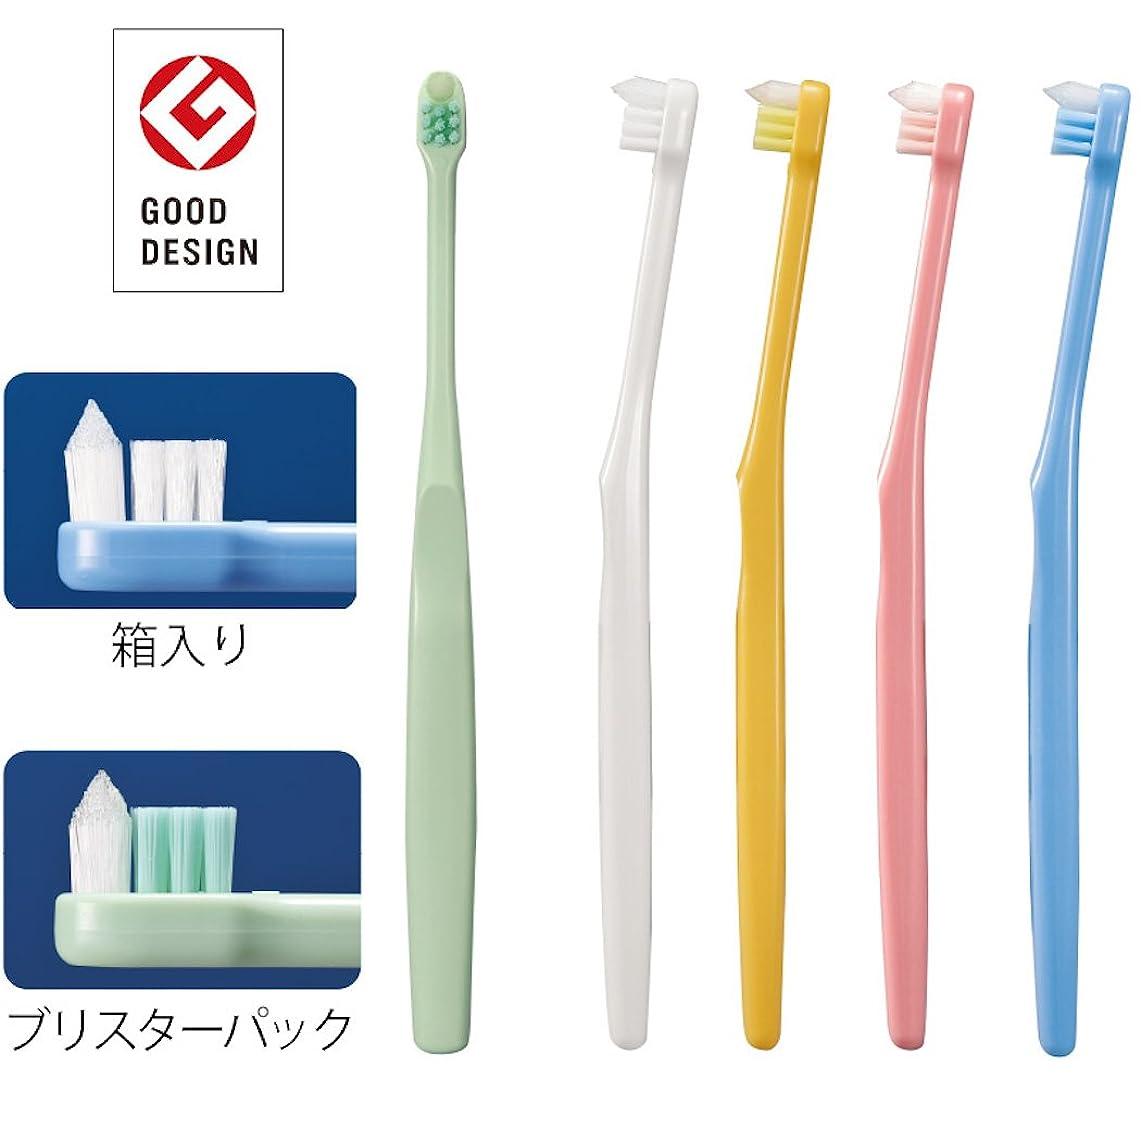 忌まわしい契約する踏み台歯科医院専売 Ci ネオタフト M(ふつう) 6本 4色アソート